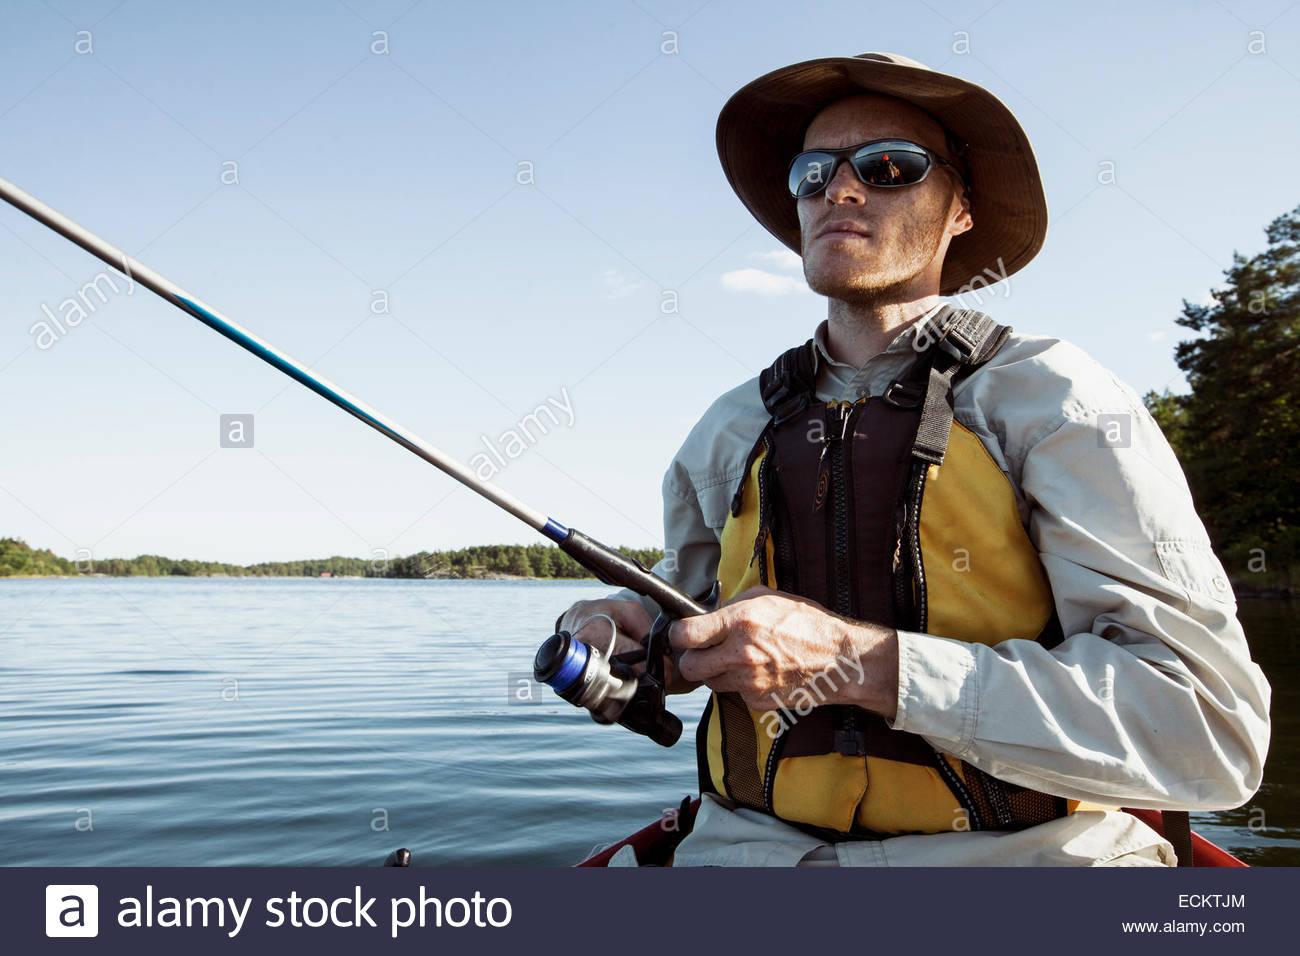 Man holding fishing rod in lake - Stock Image